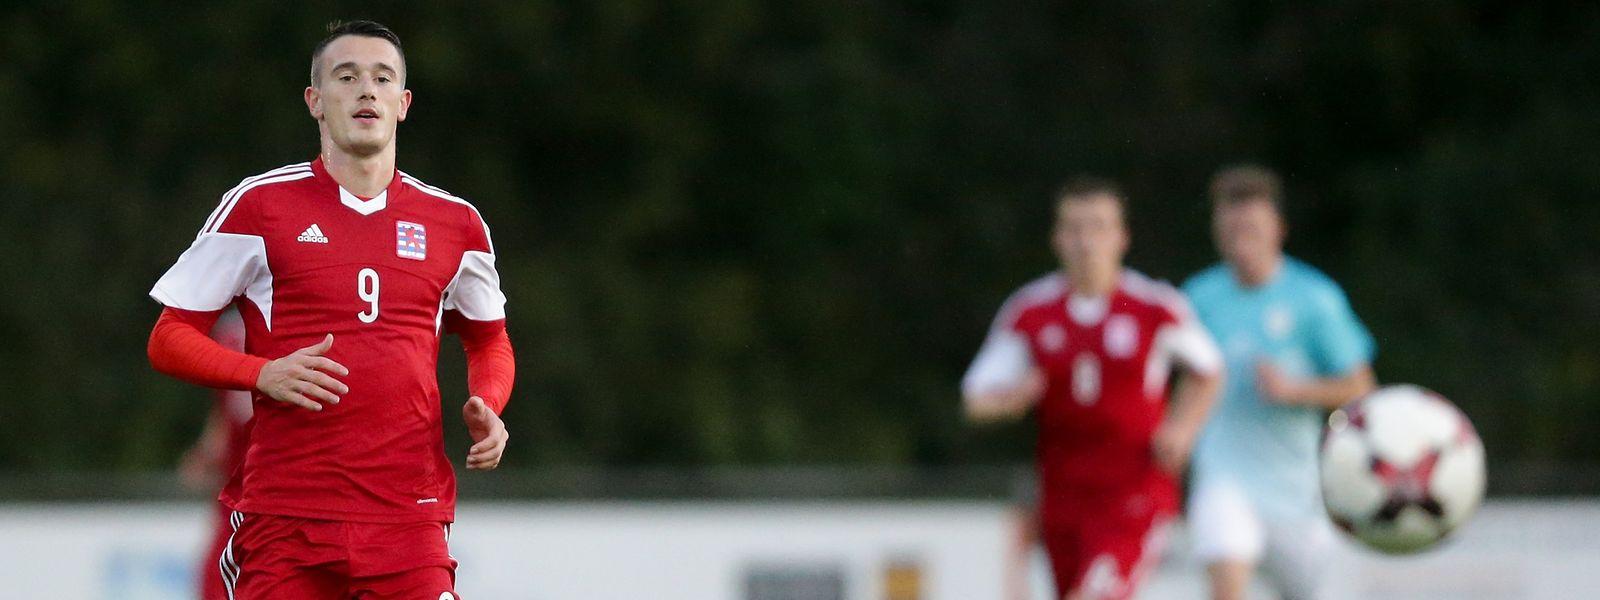 Edvin Muratovic hat sein Können bei der U21-Auswahl bereits mehrfach unter Beweis gestellt.